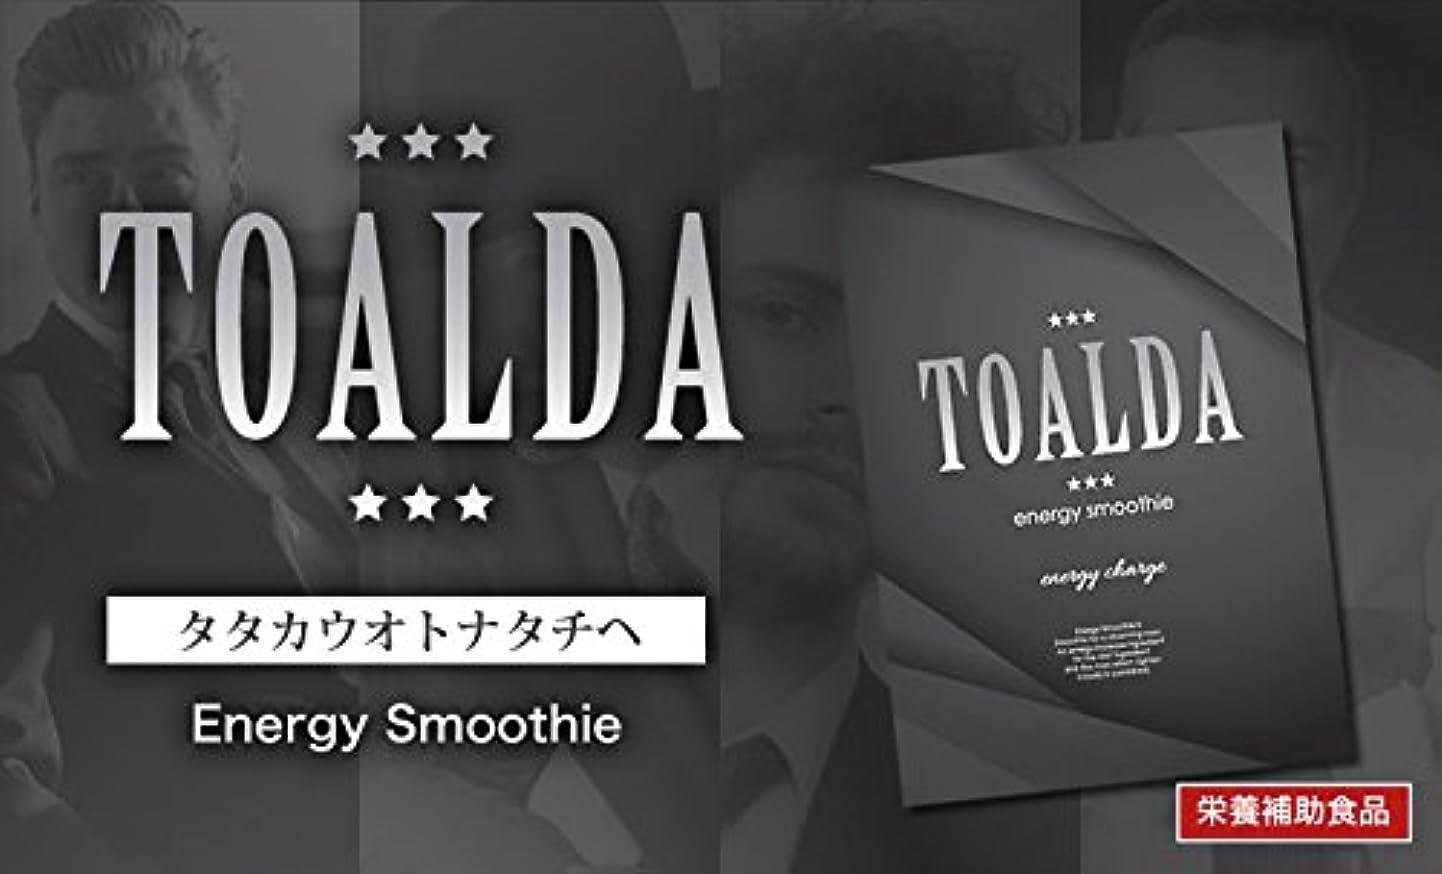 有名な締めるドナウ川TOALDA トアルダ エナジースムージー L-アルギニン 大麦若葉 ガラナ アルギン酸 ロイシン